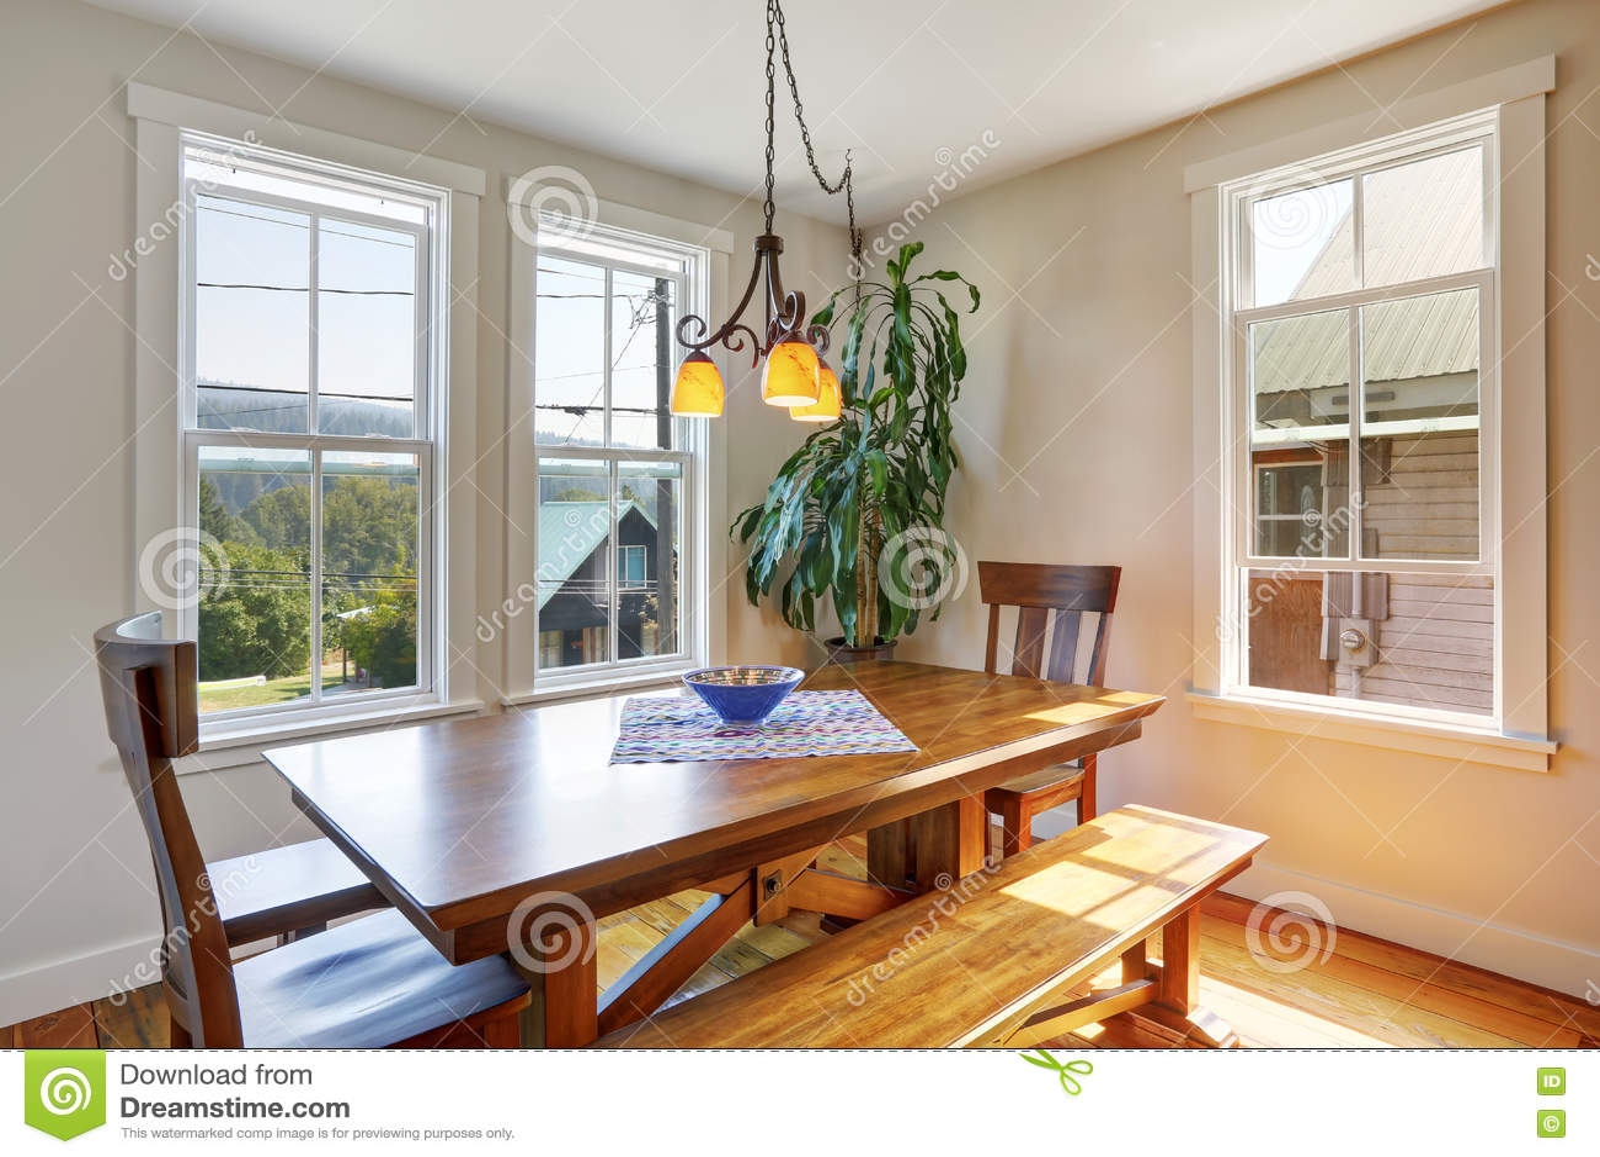 Primer de la mesa de comedor de madera con dos sillas y bancos foto de archivo imagen 76433055 for Mesas y sillas de comedor de madera